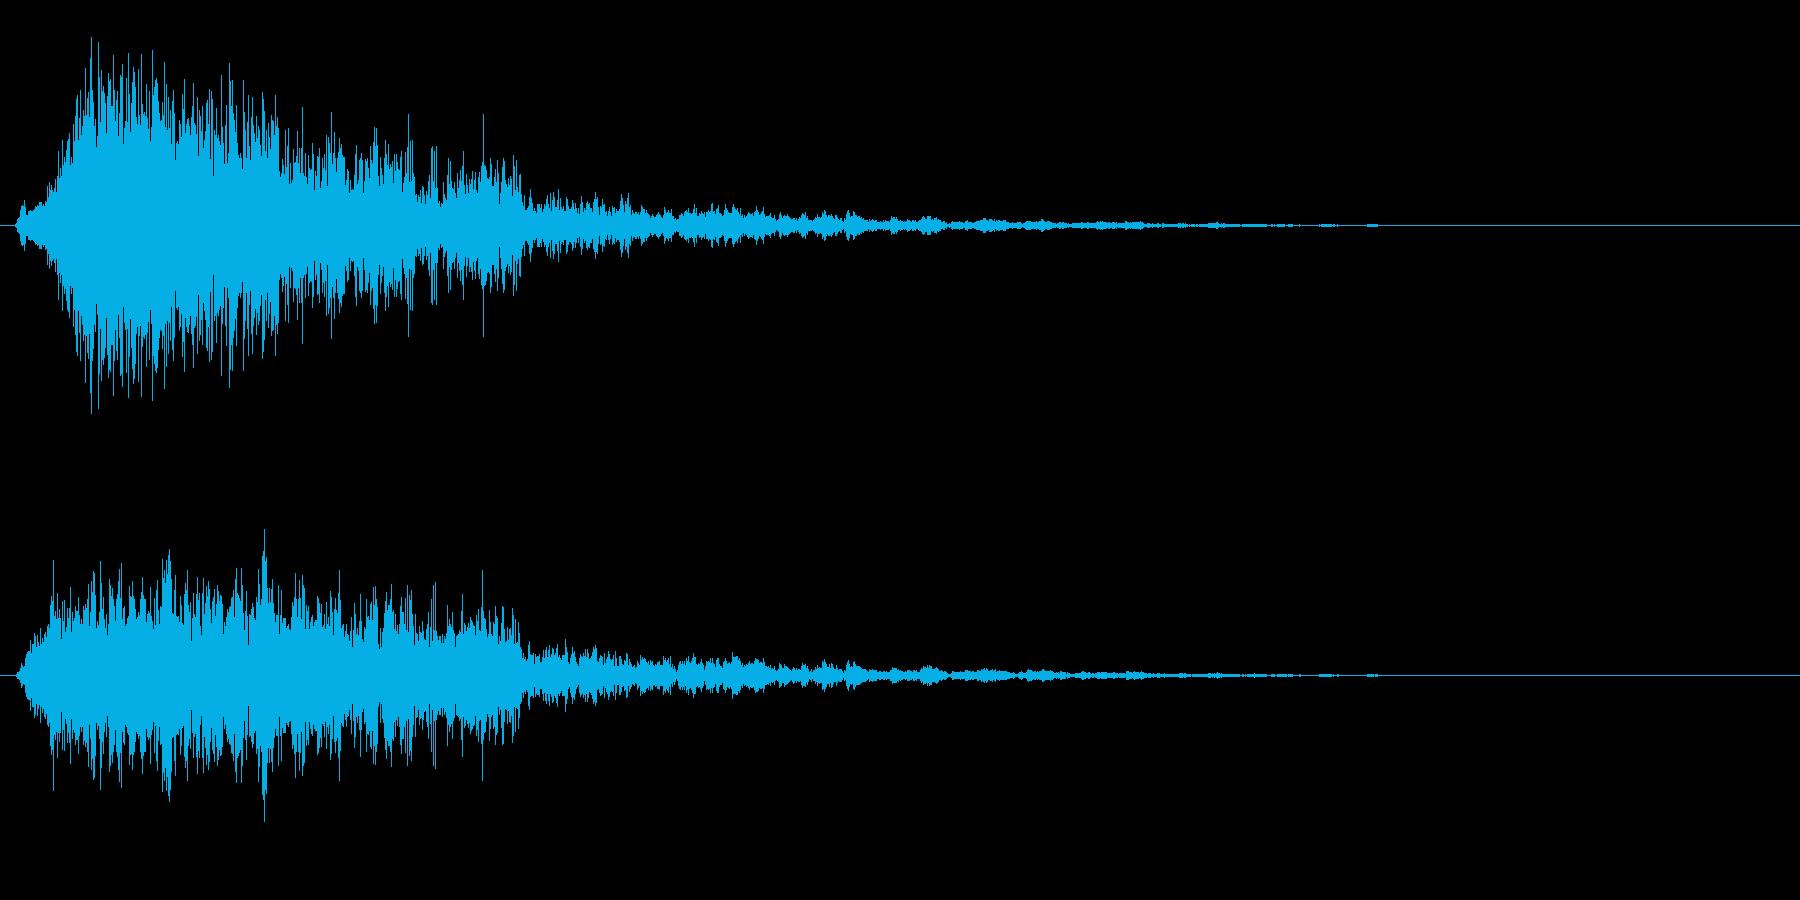 ピシューン、ビーム発射音や破裂音の再生済みの波形